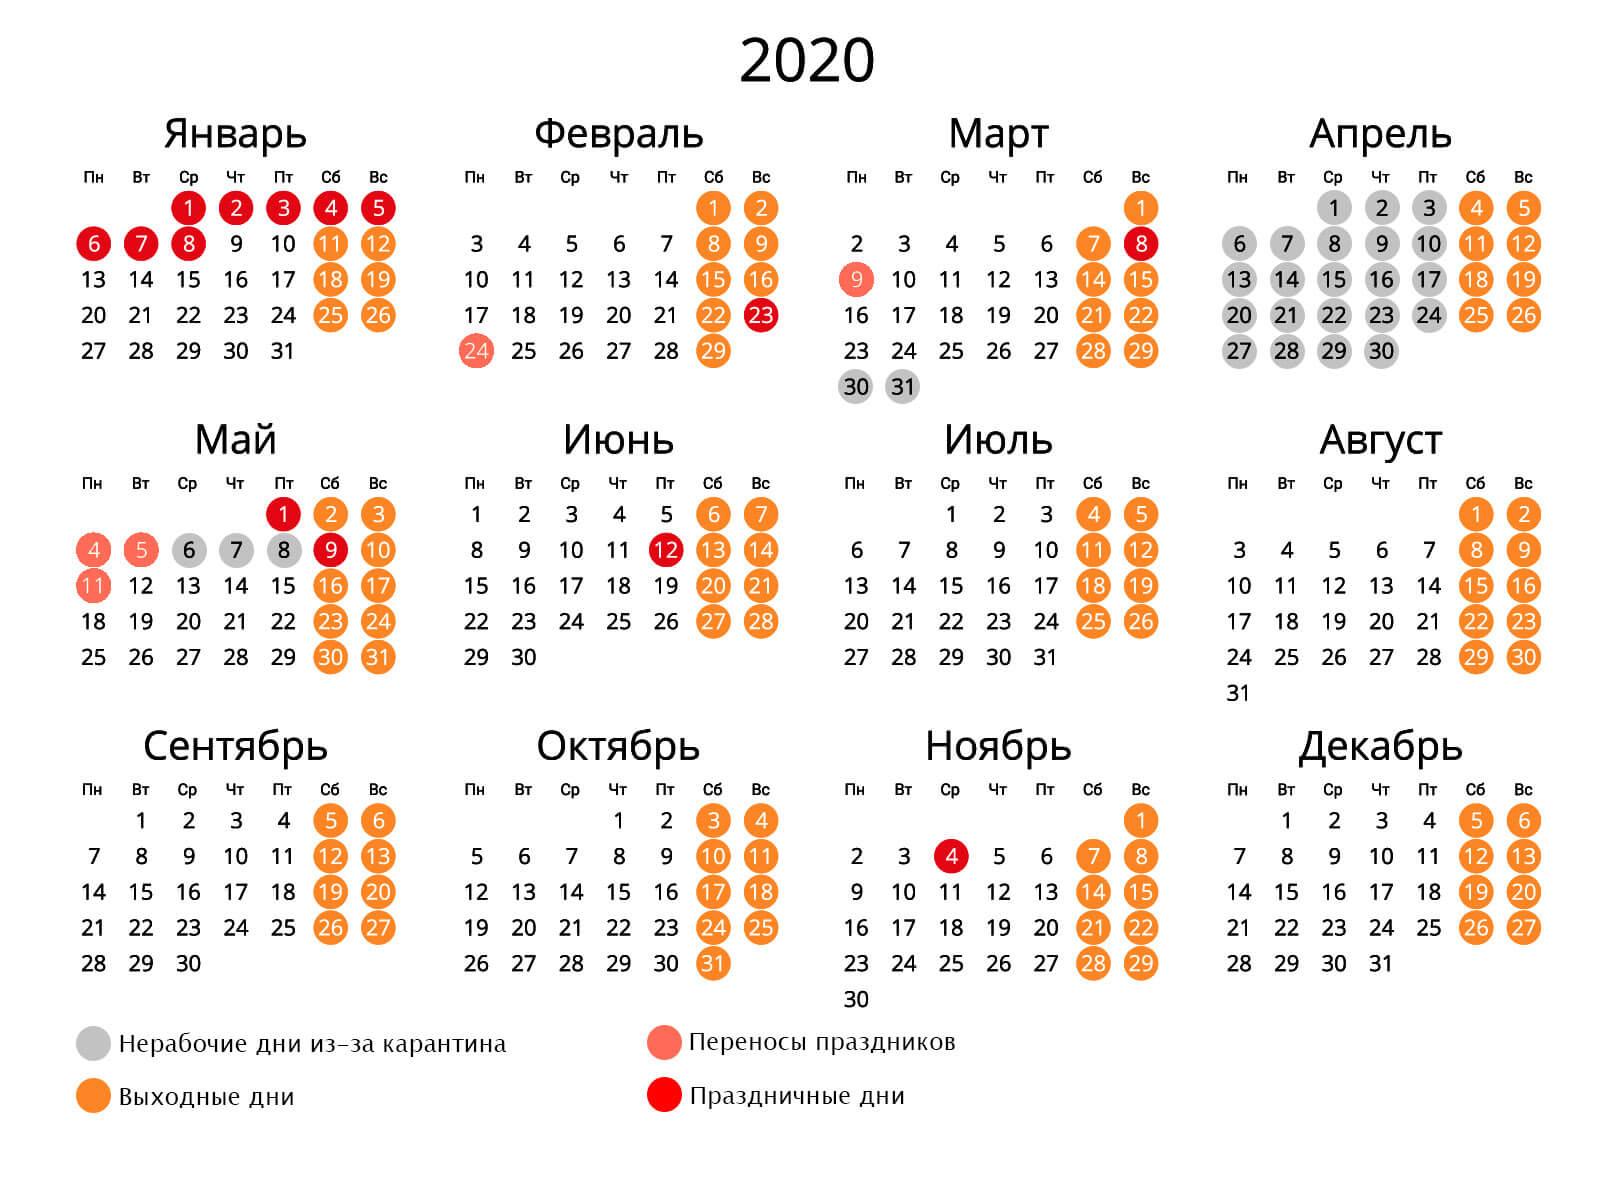 Производственный календарь на 2020 год с учетом карантина - скачать/распечатать